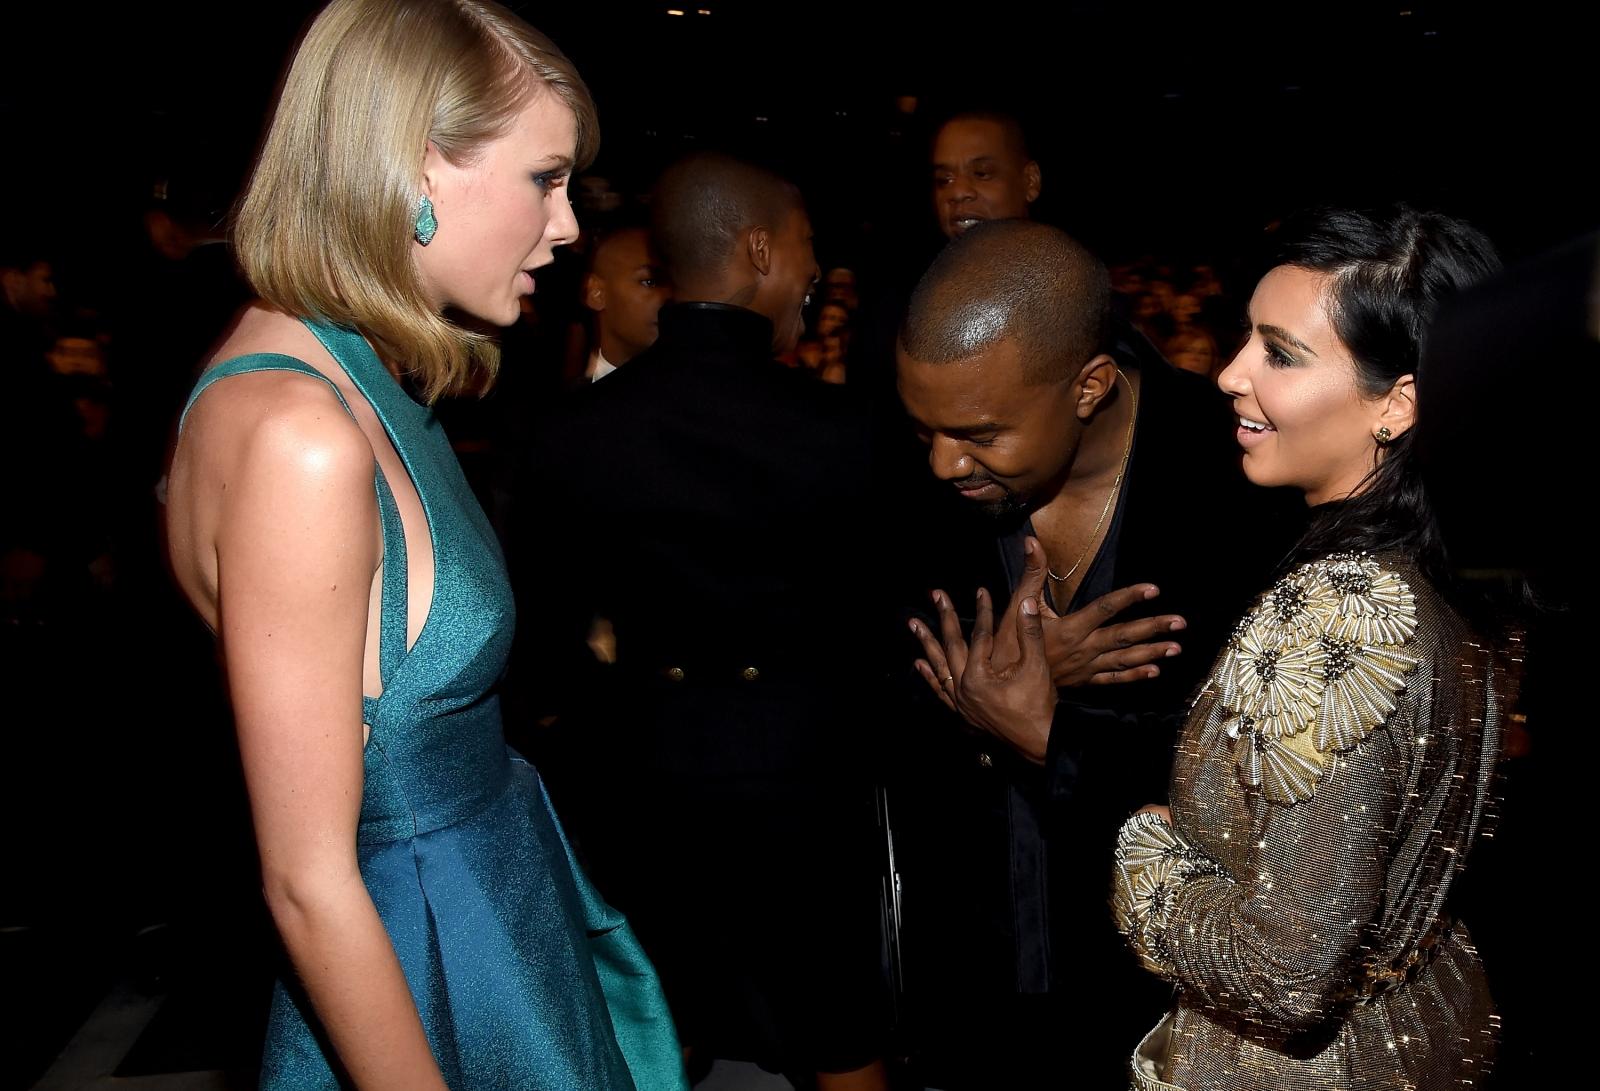 Kim Kardashian and Taylor Swift